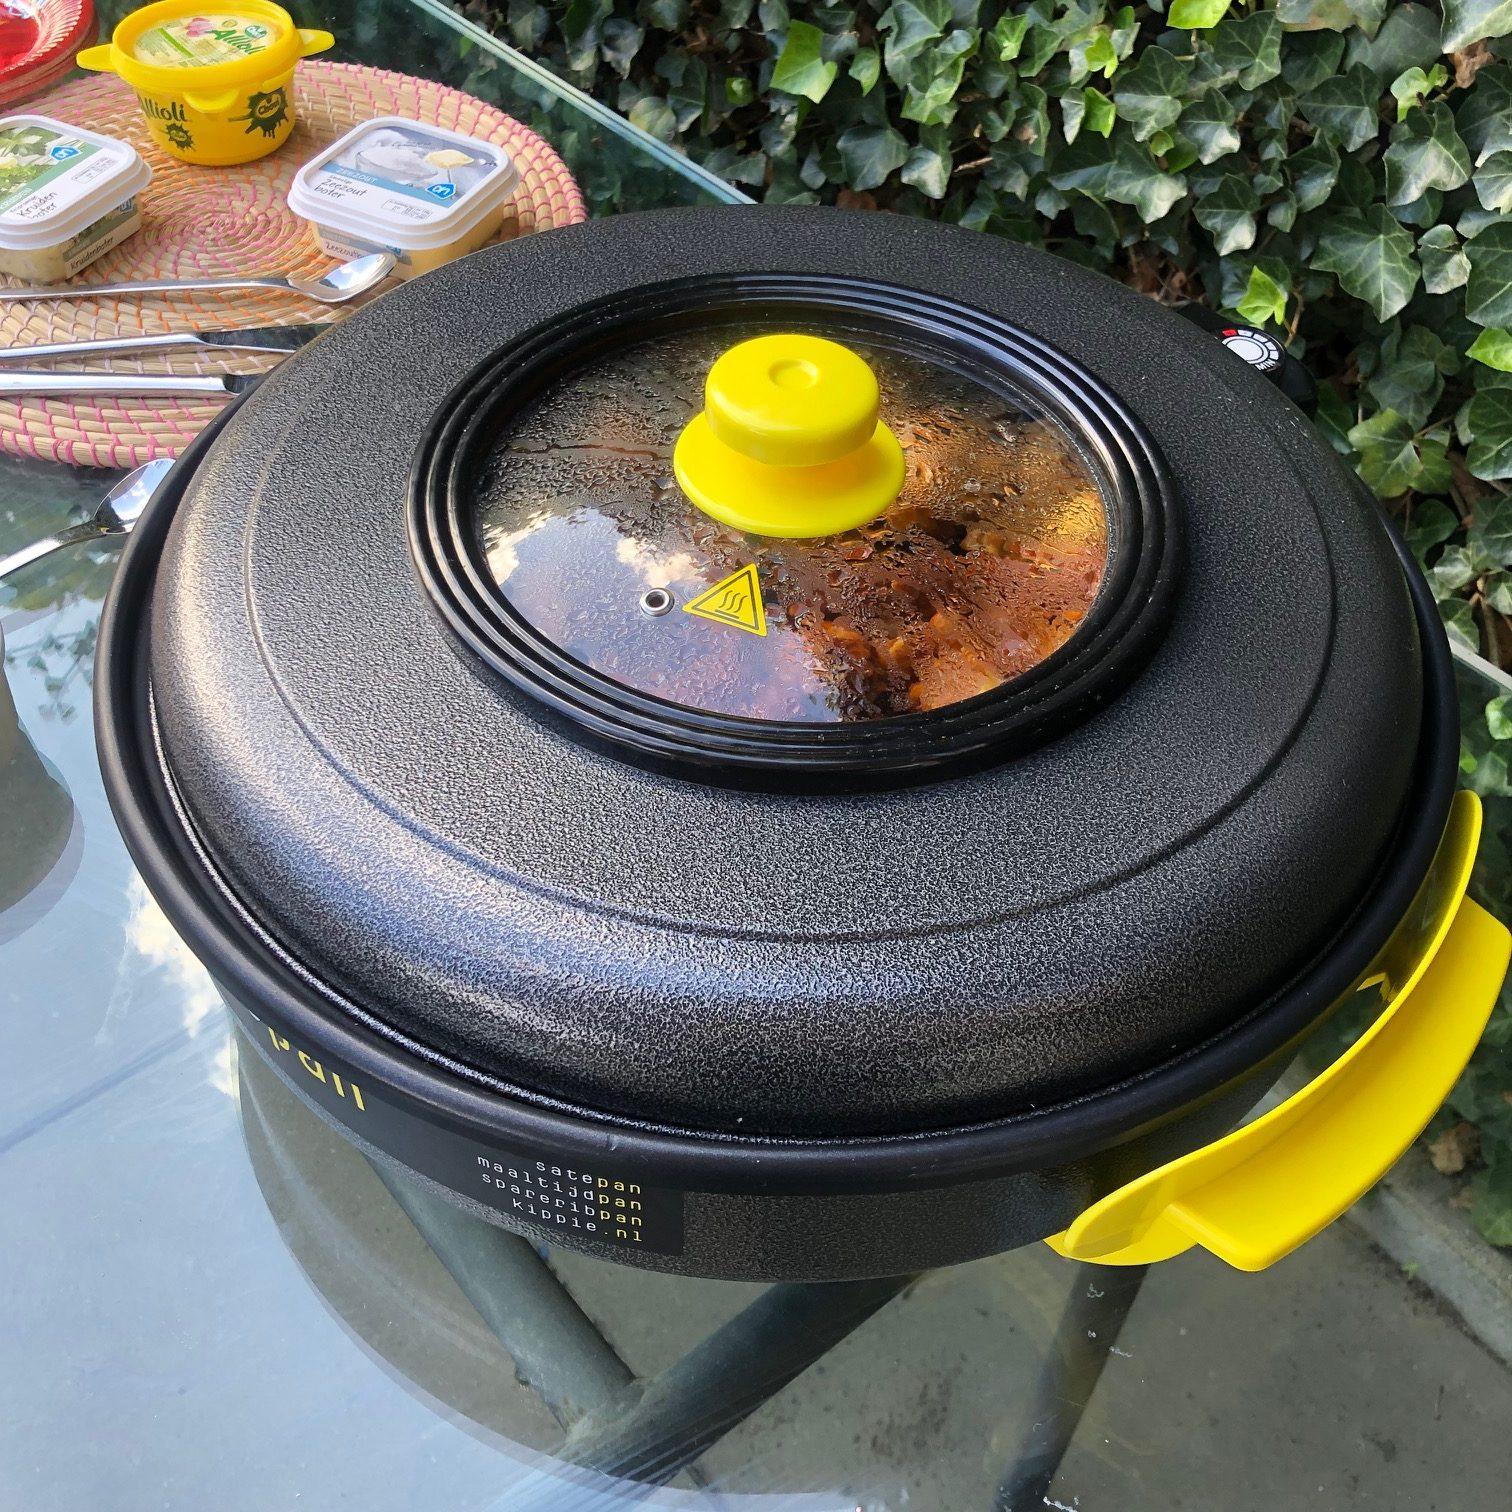 Kippie Kip pan getest tijdens verjaardag